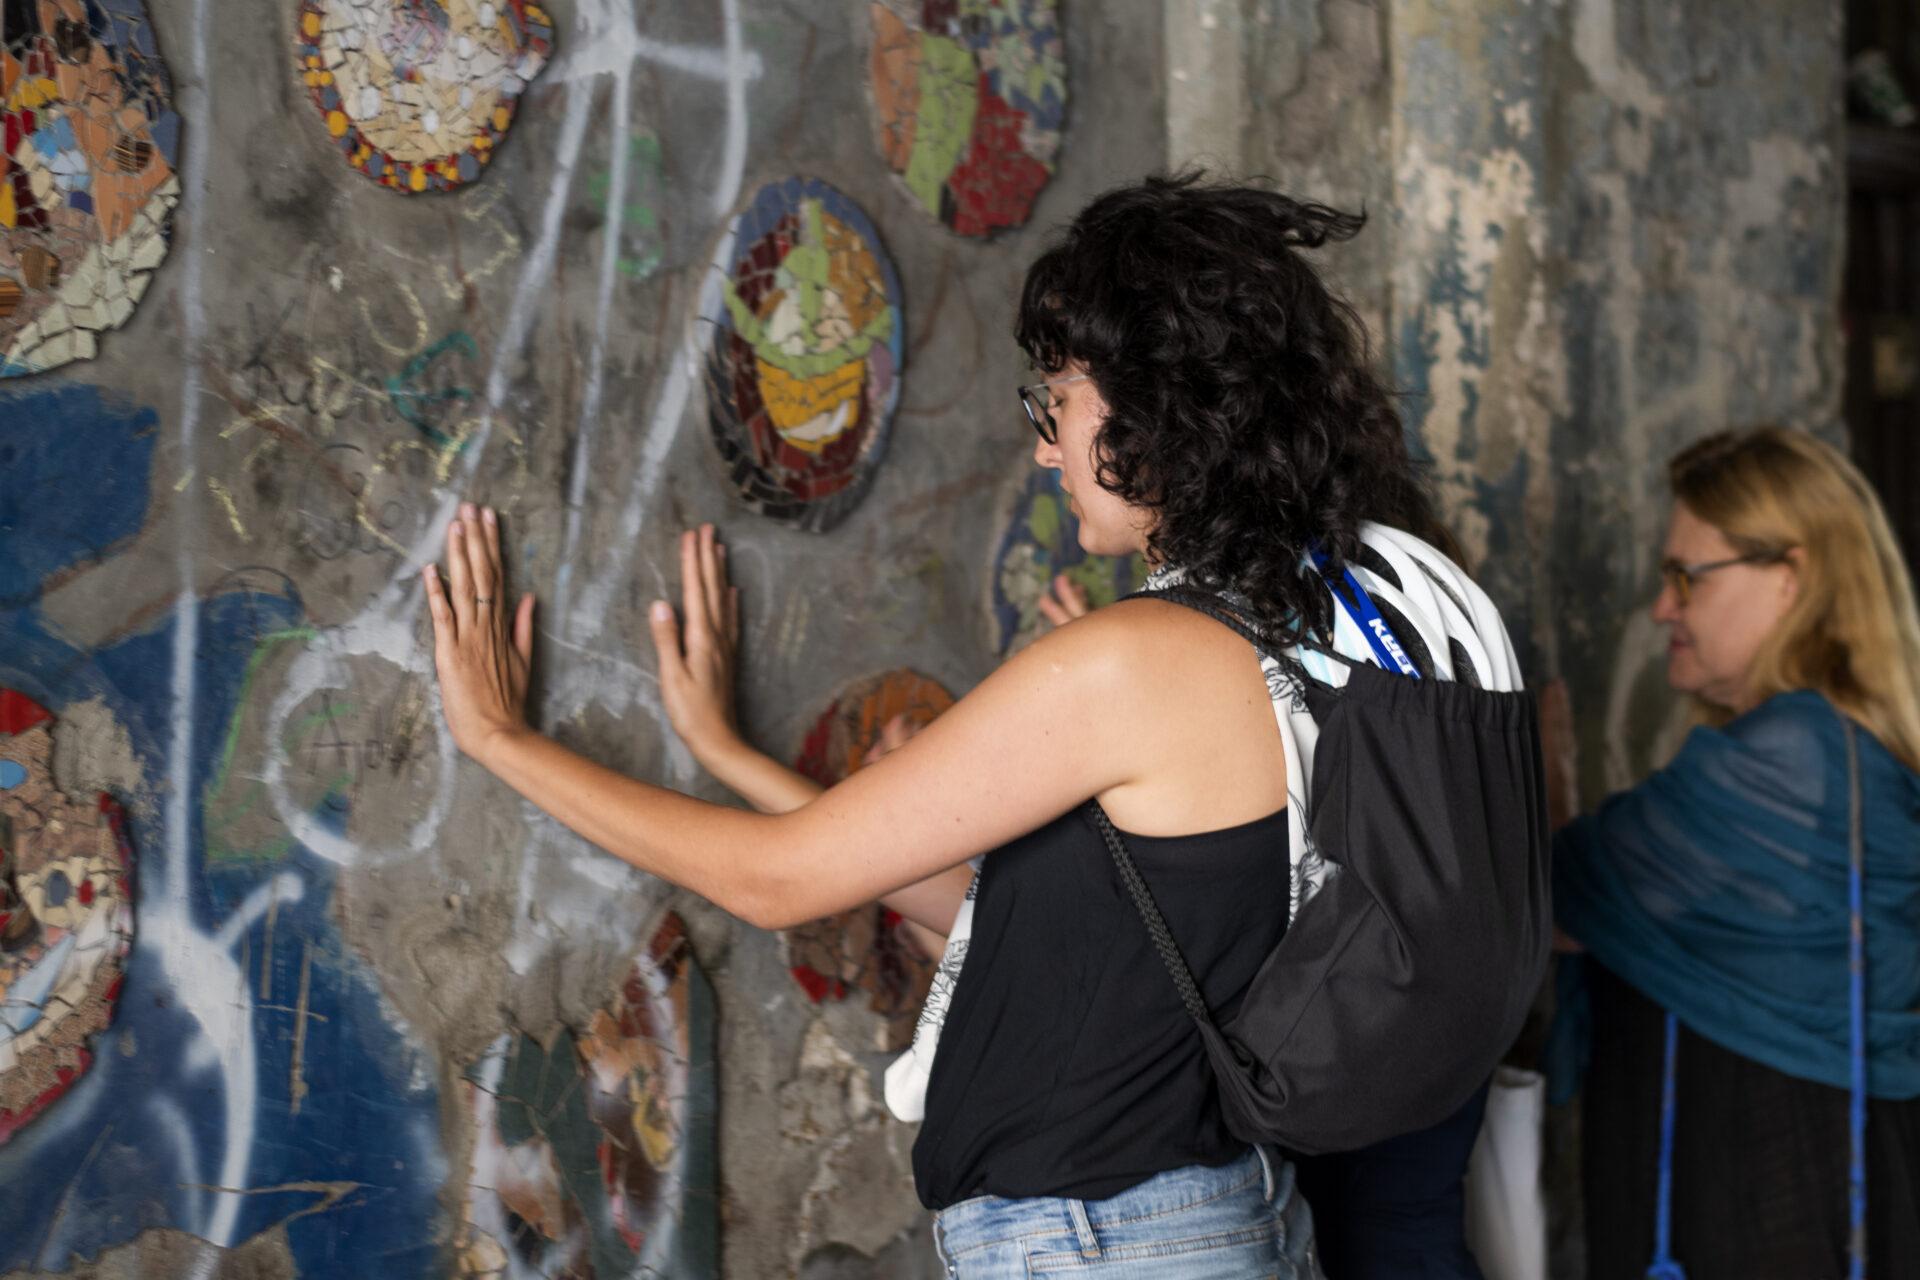 Kobieta wkręconych włosach, wokularach zmałym plecakiem stoi przedścianą. Jest skupiona, wyciągnięte ręce trzyma naścianie pomiędzy elementami mozaiki.